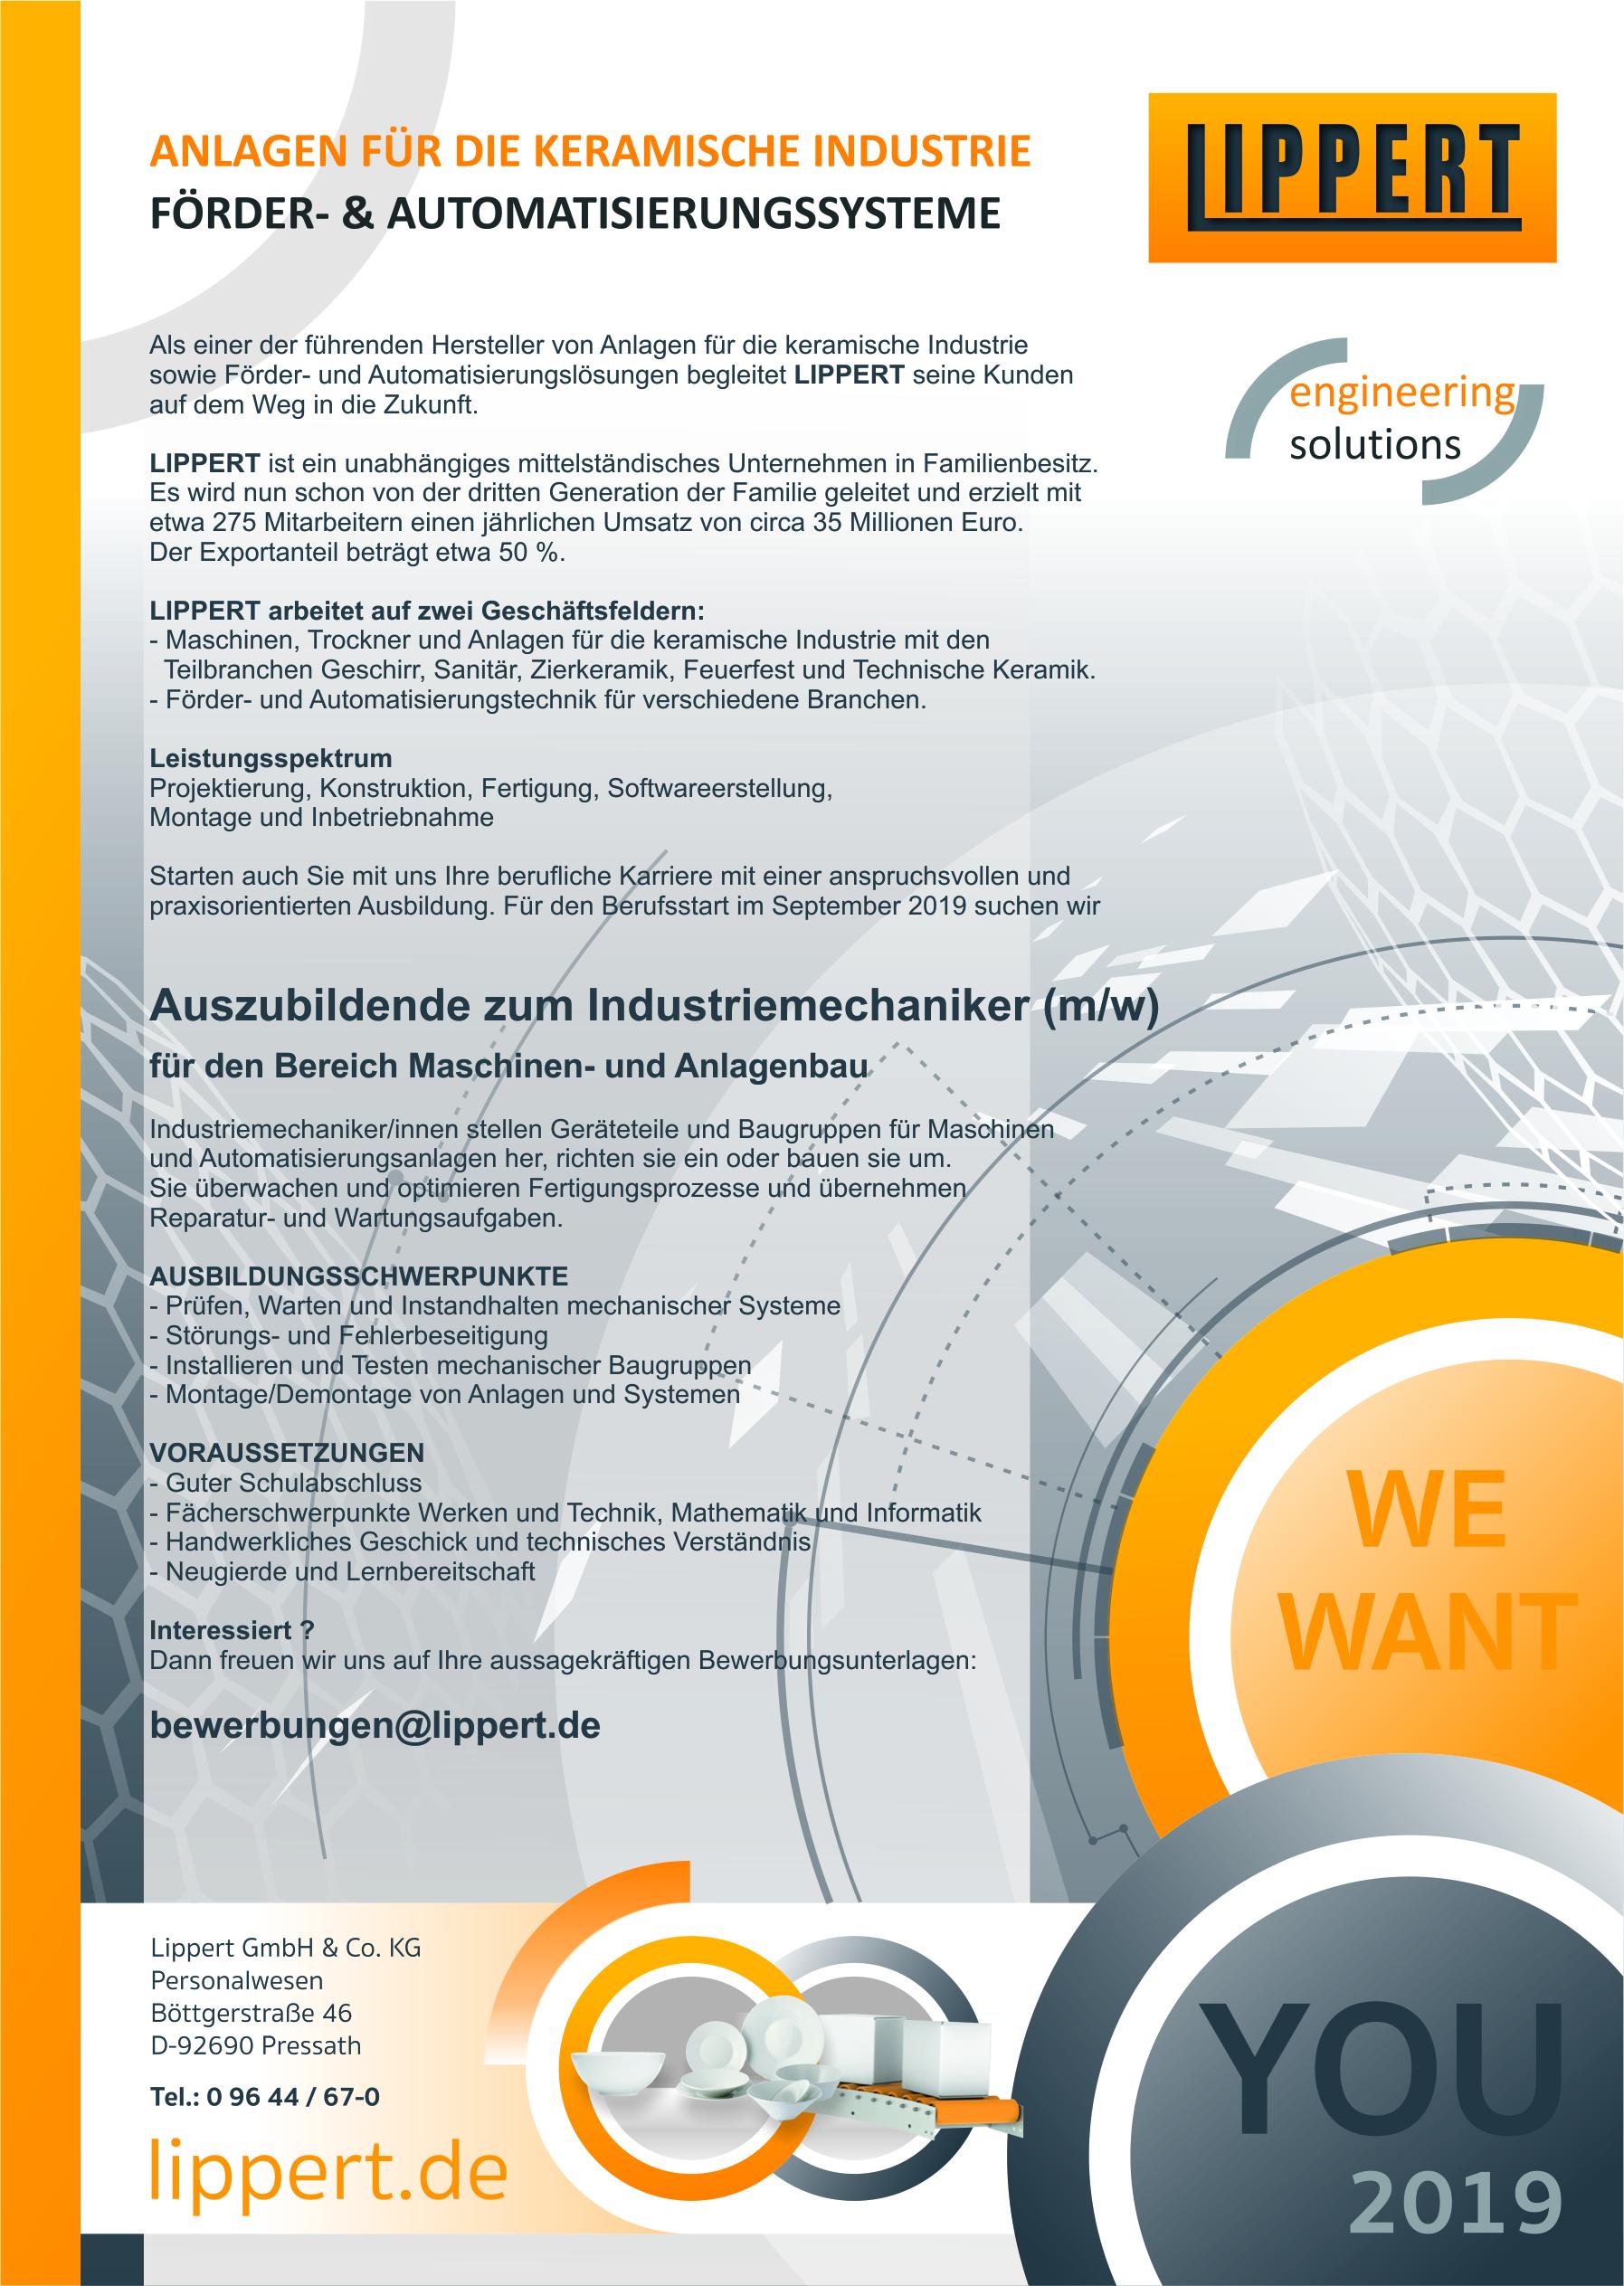 Für Auszubildende Lippert Engineering Solutions